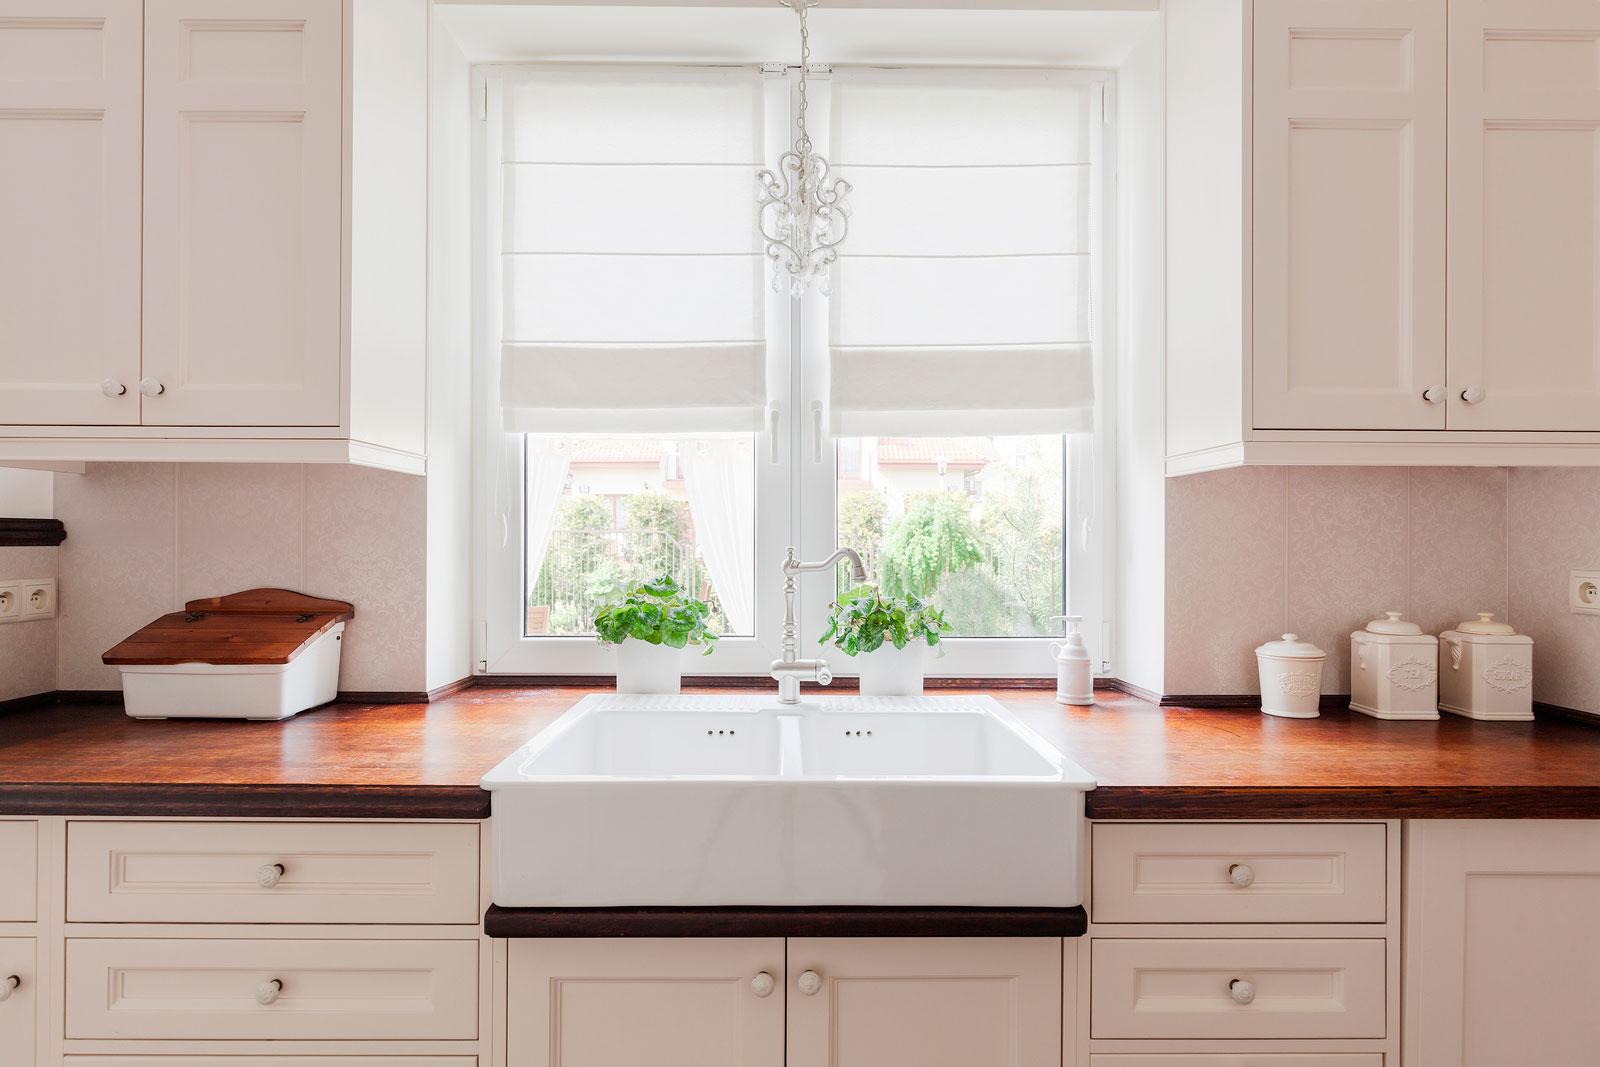 Tipos de fregaderos para la cocina cocimobel - Tipos de encimeras para cocina ...